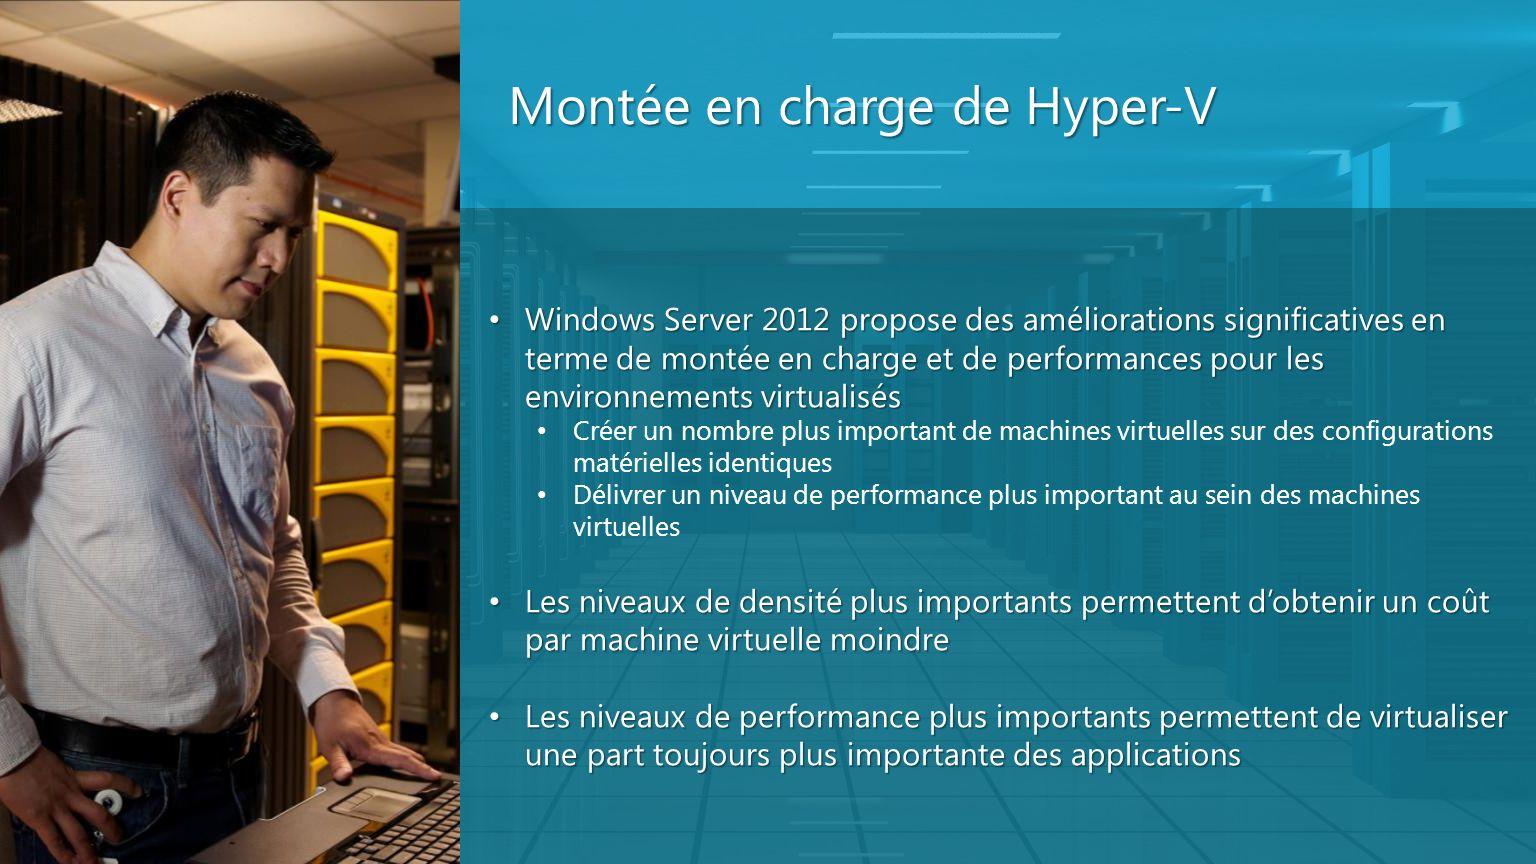 Comparaison à VMware Fonctionnalité Windows Server 2012 Hyper-V VMware vSphere Hypervisor 5.1 VMware vSphere 5.1 Enterprise Plus ArchitectureIntégré à Hyper-VN/AVirtual Appliance Méthode réplicationAsynchroneN/AAsynchrone RTO5 minutesN/A15 minutes Bascule planifiéeOuiN/ANon Bascule non-planifiéeOuiN/AOui Test de la basculeOuiN/ANon Processus de retour simplifiéeOuiN/ANon Processus automatique dattribution IPOuiN/ANon Point de restauration dans le tempsOuiN/ANon OrchestrationOuiN/ANon